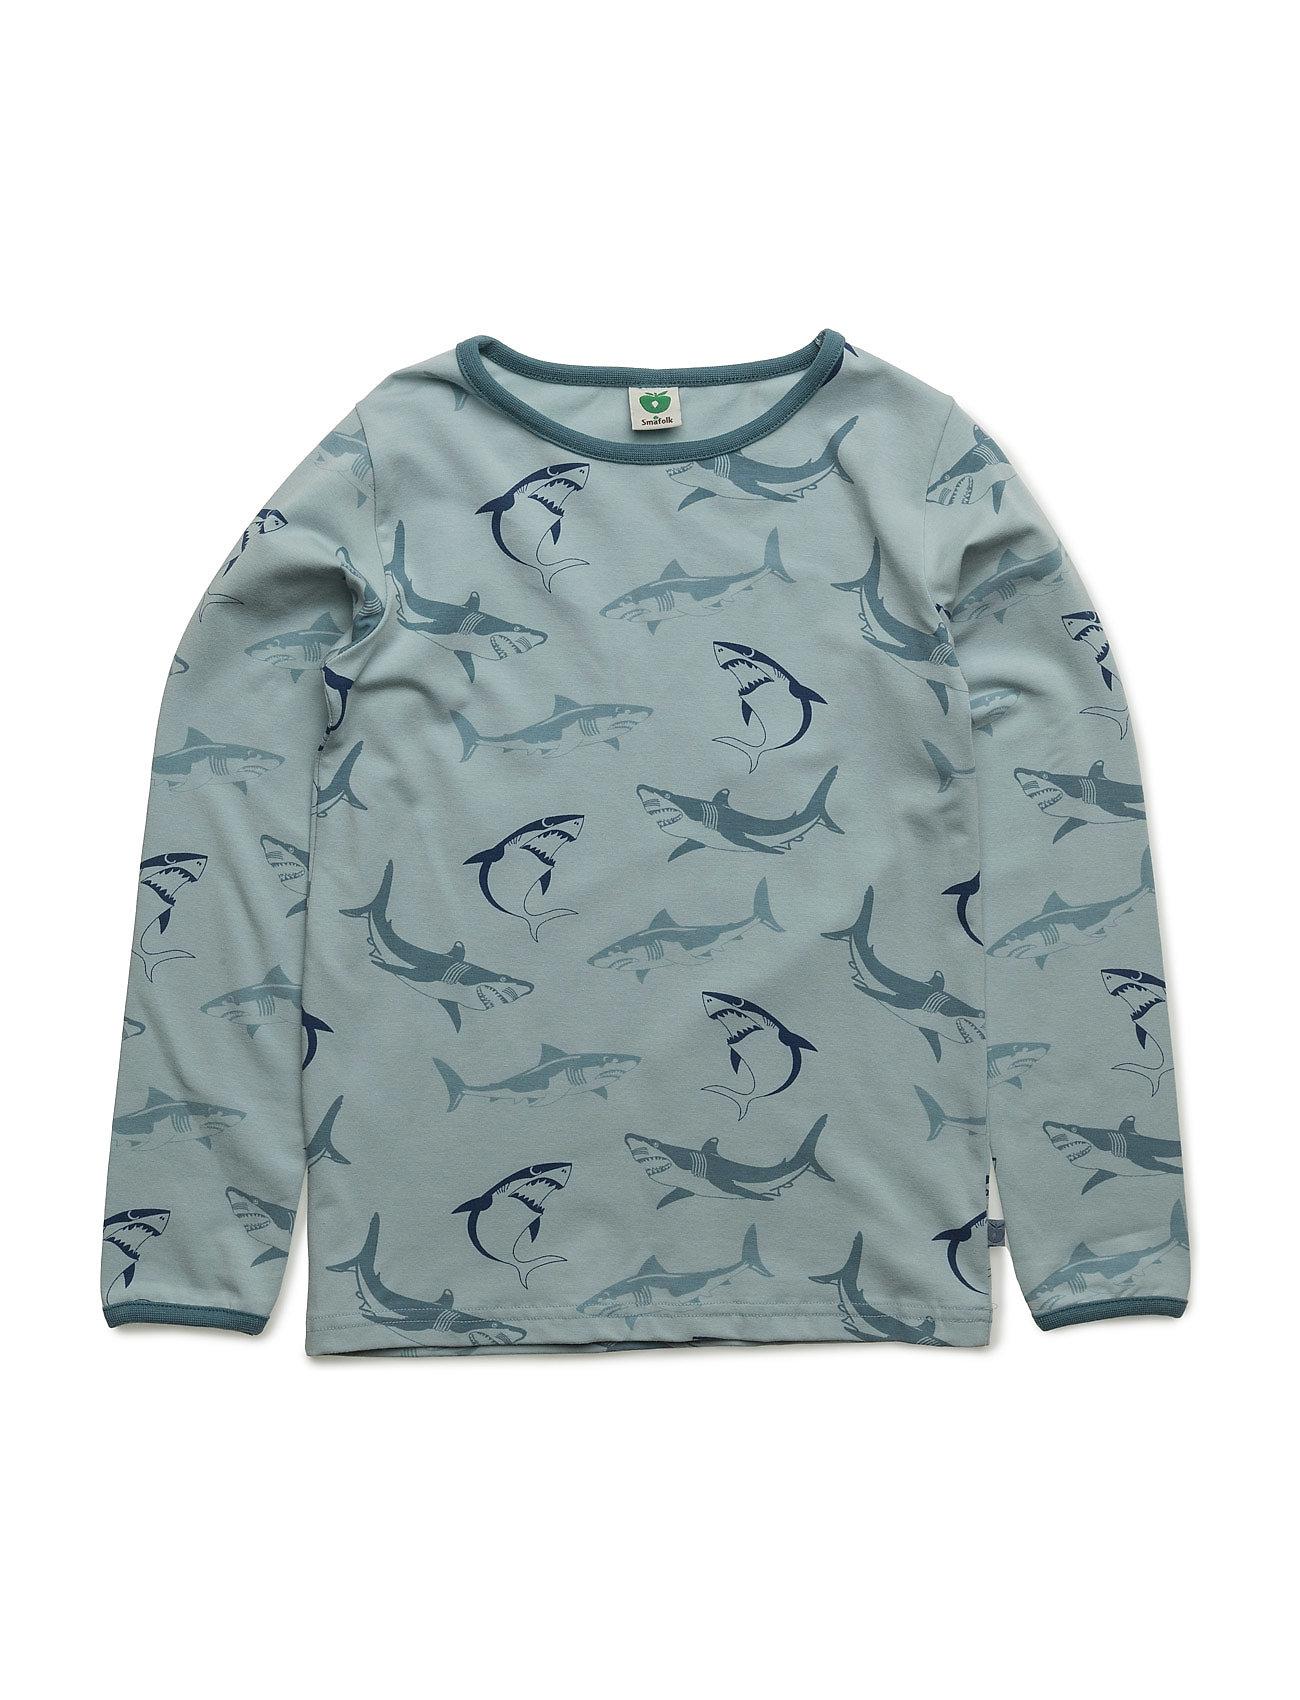 T-Shirt Ls. Shark Småfolk Langærmede t-shirts til Børn i